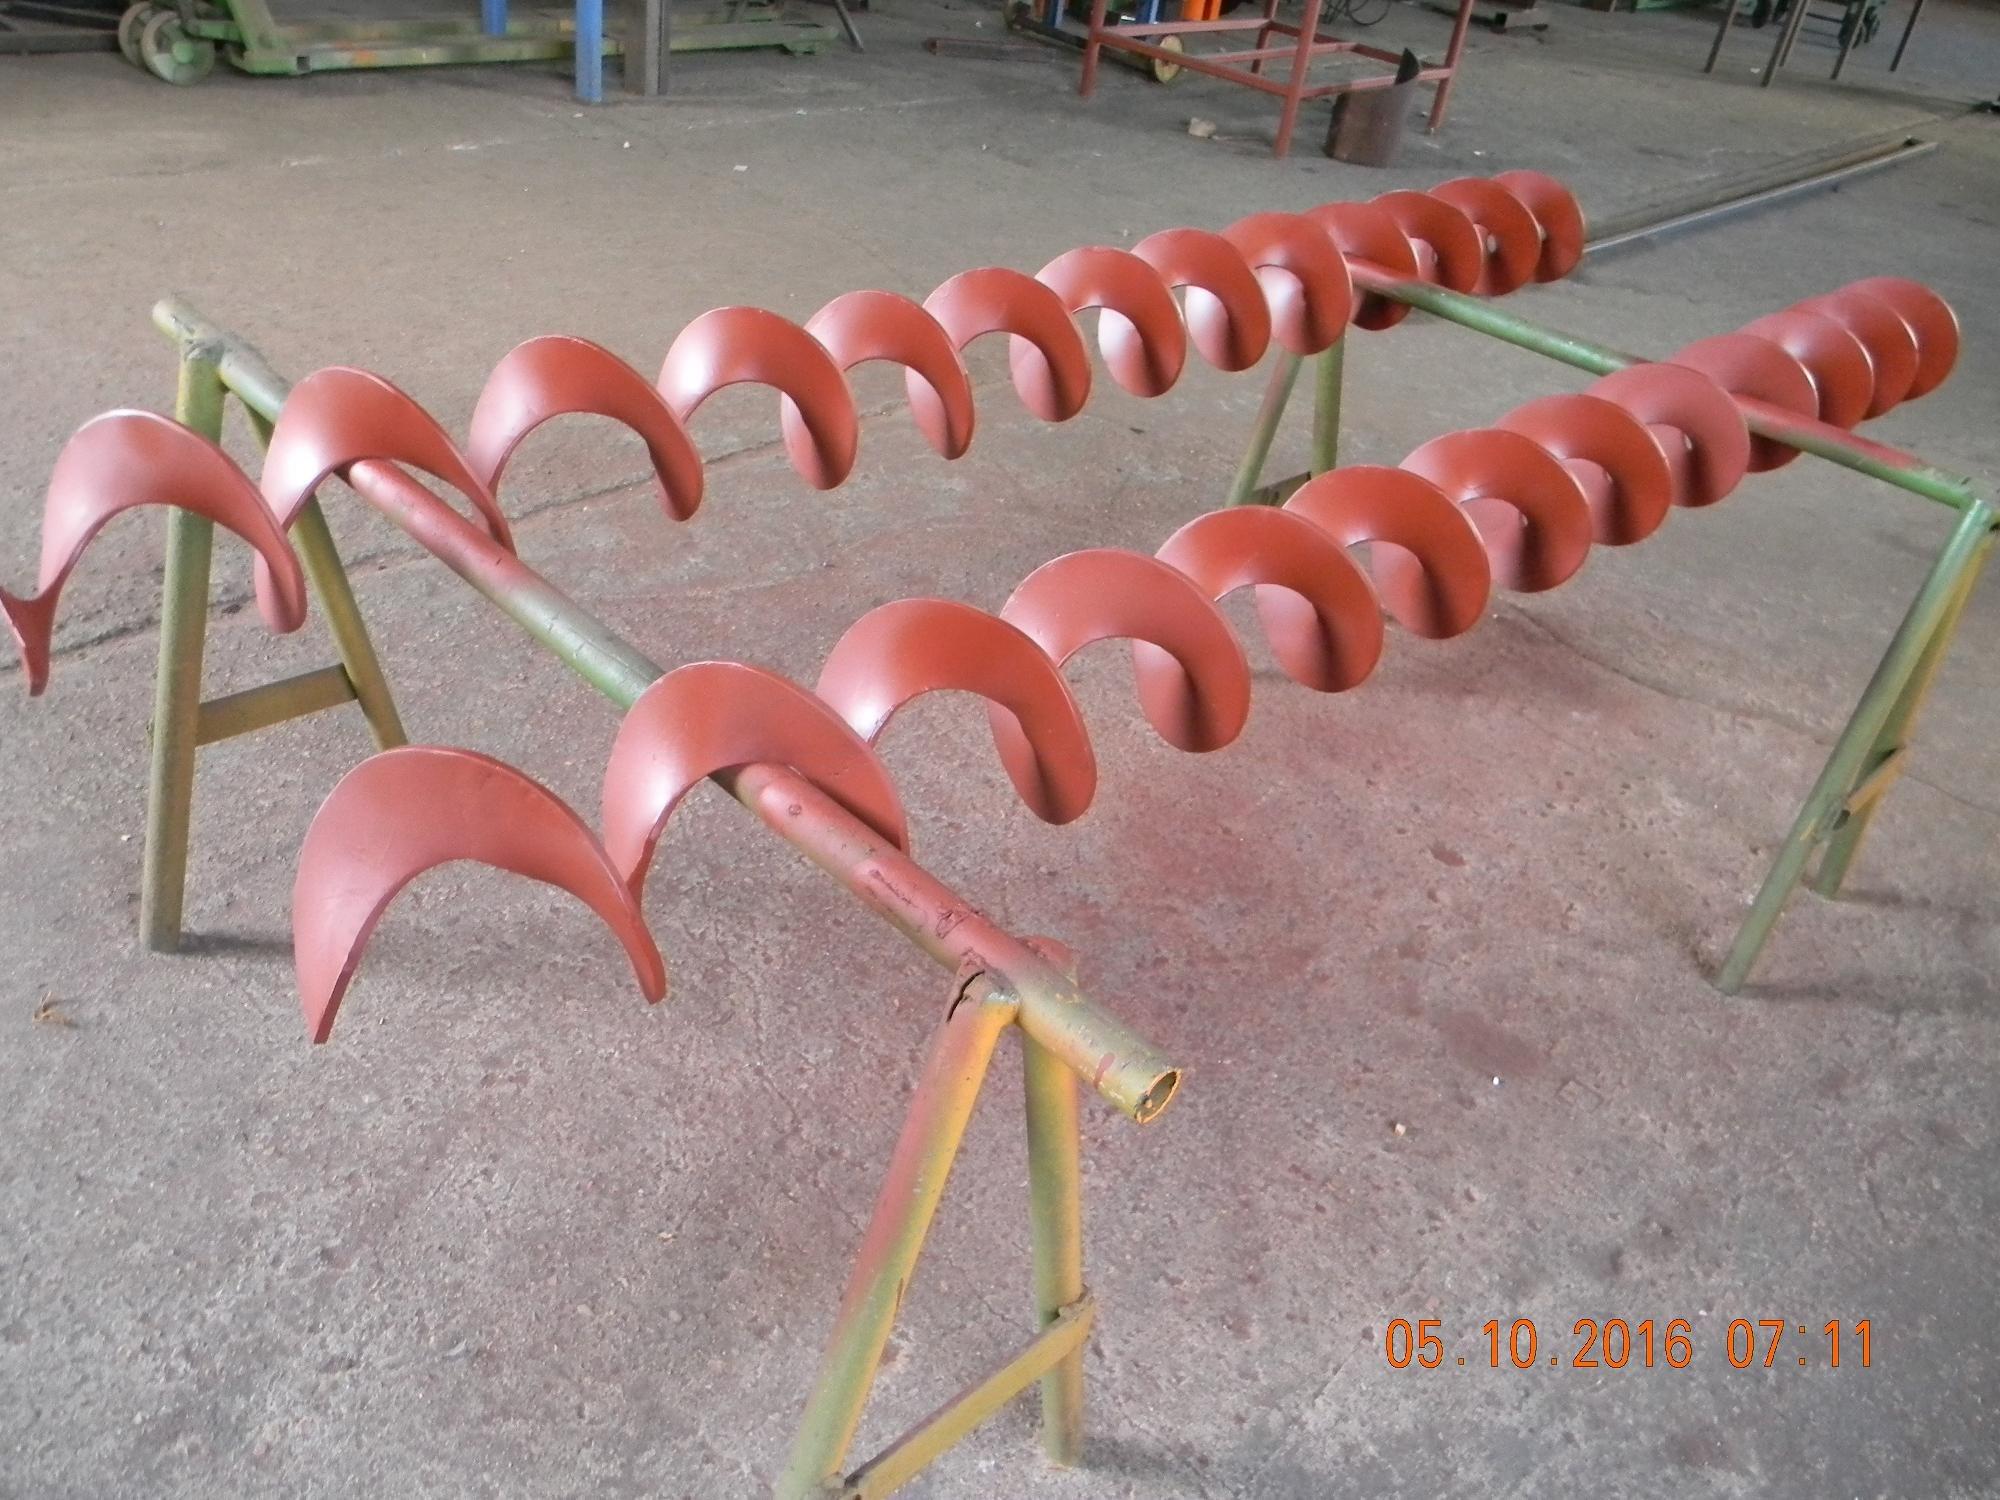 żmijka ślimak sznek świder wiertło do przemysłu wydobywczego górniczego ceramicznego